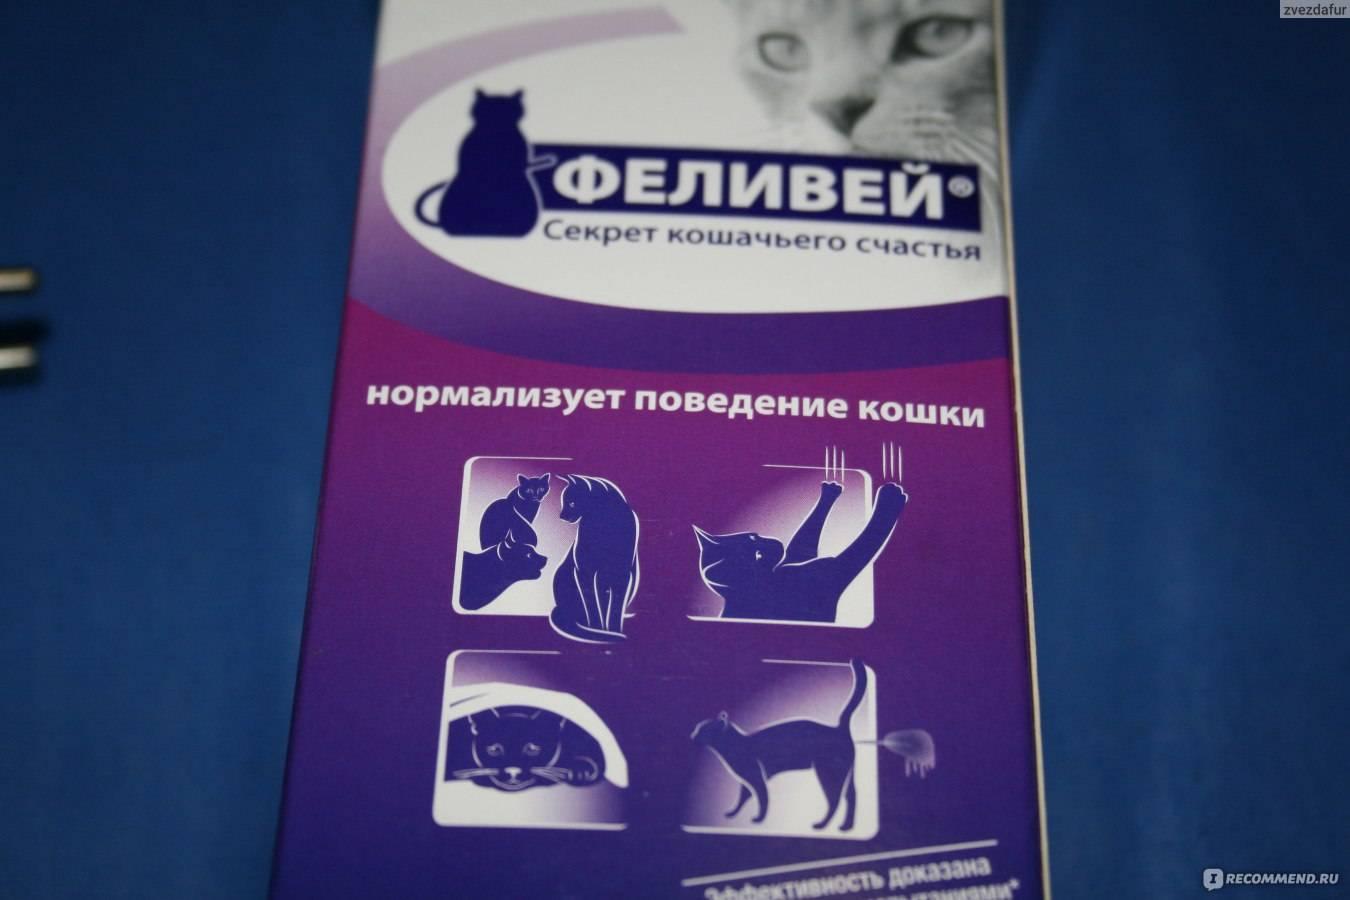 Феливей (feliway): спокойствие и дружелюбие кошки